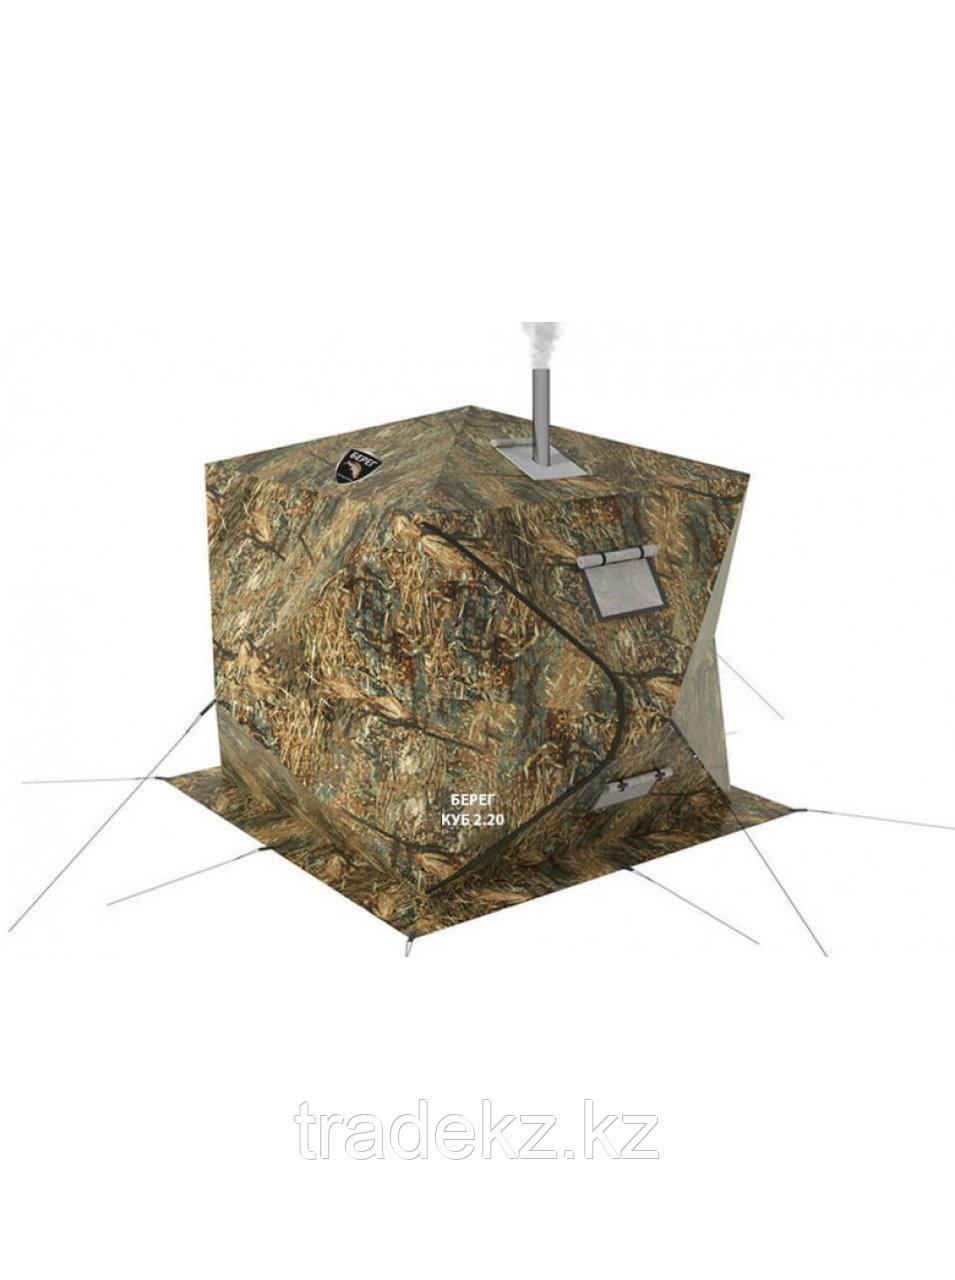 Палатка всесезонная Берег КУБ 2.20 двухслойная, размер 2,2 х 2,02 х 1,9 м.